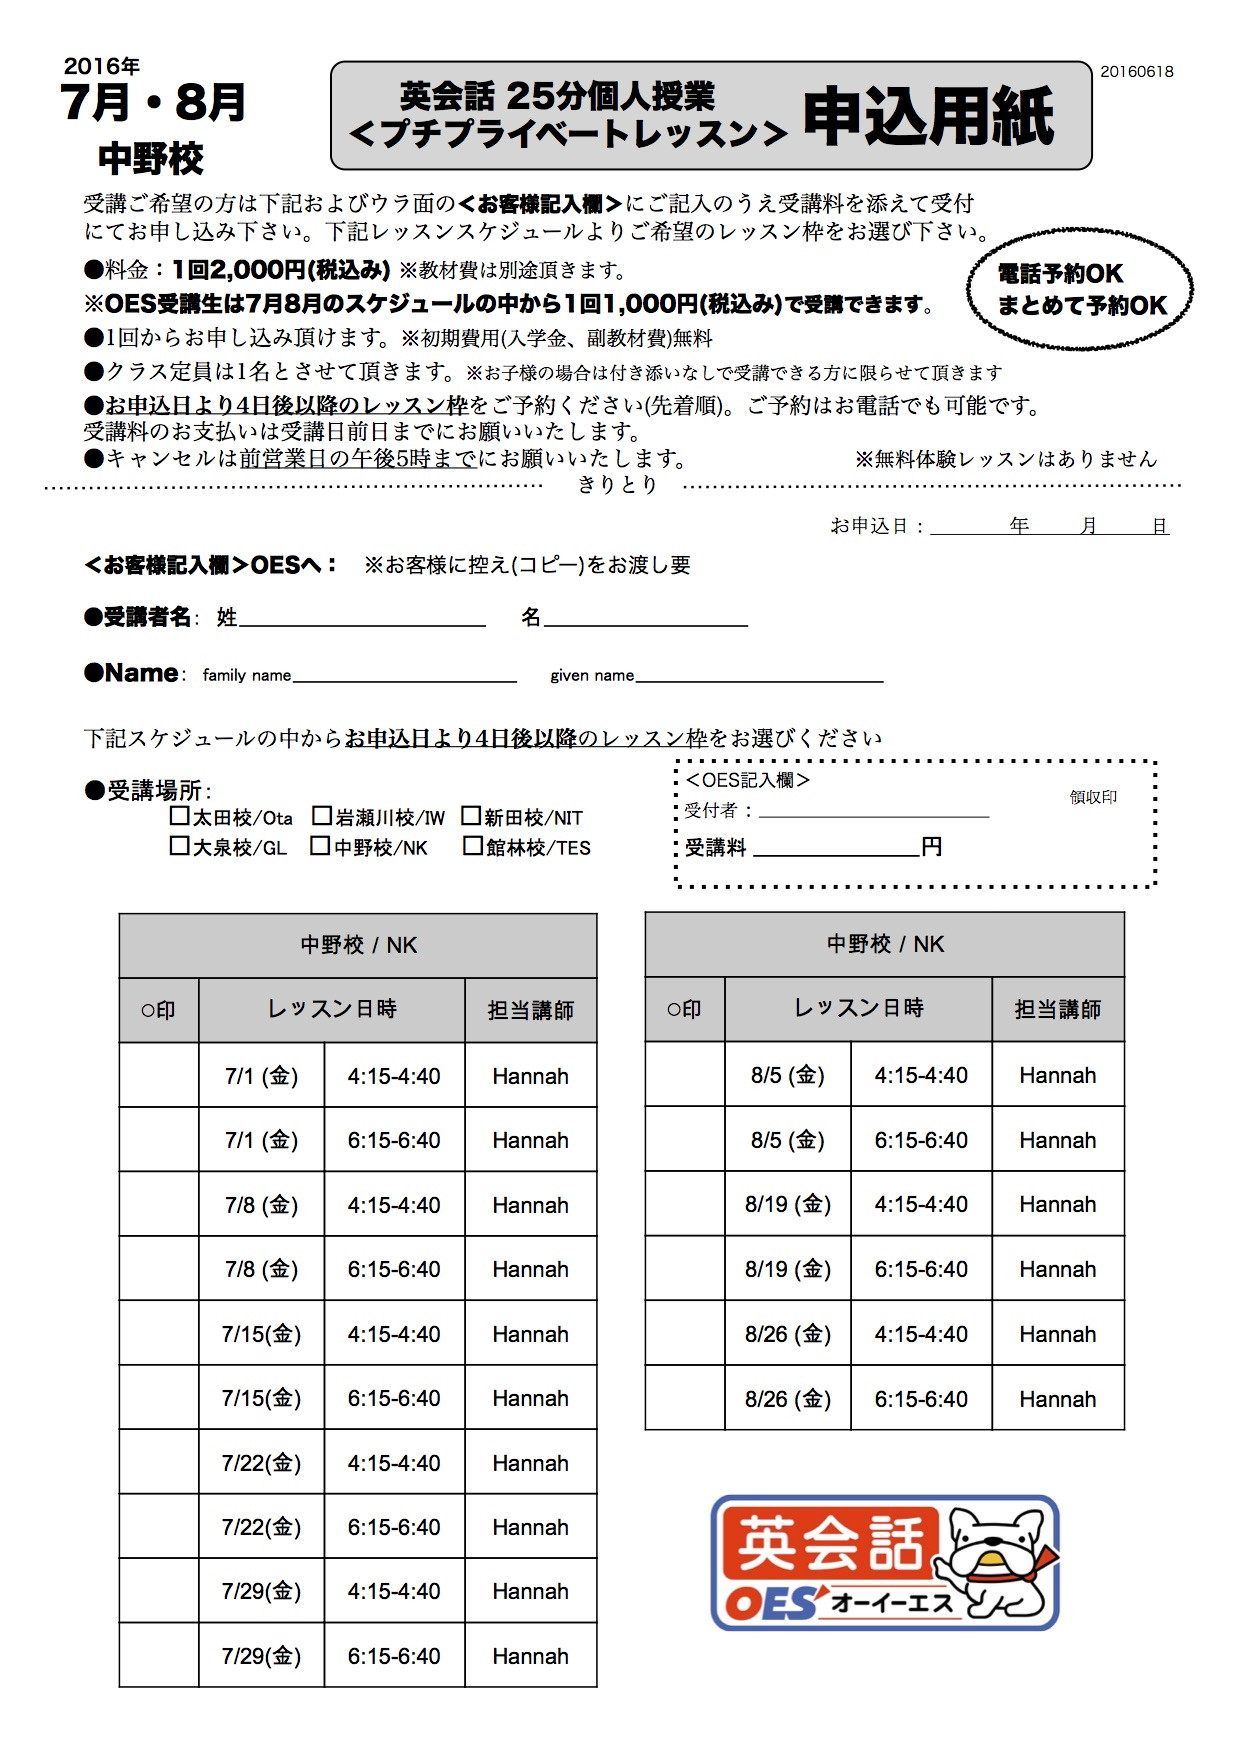 7月8月中野校 プチプライベートレッスン申込用紙